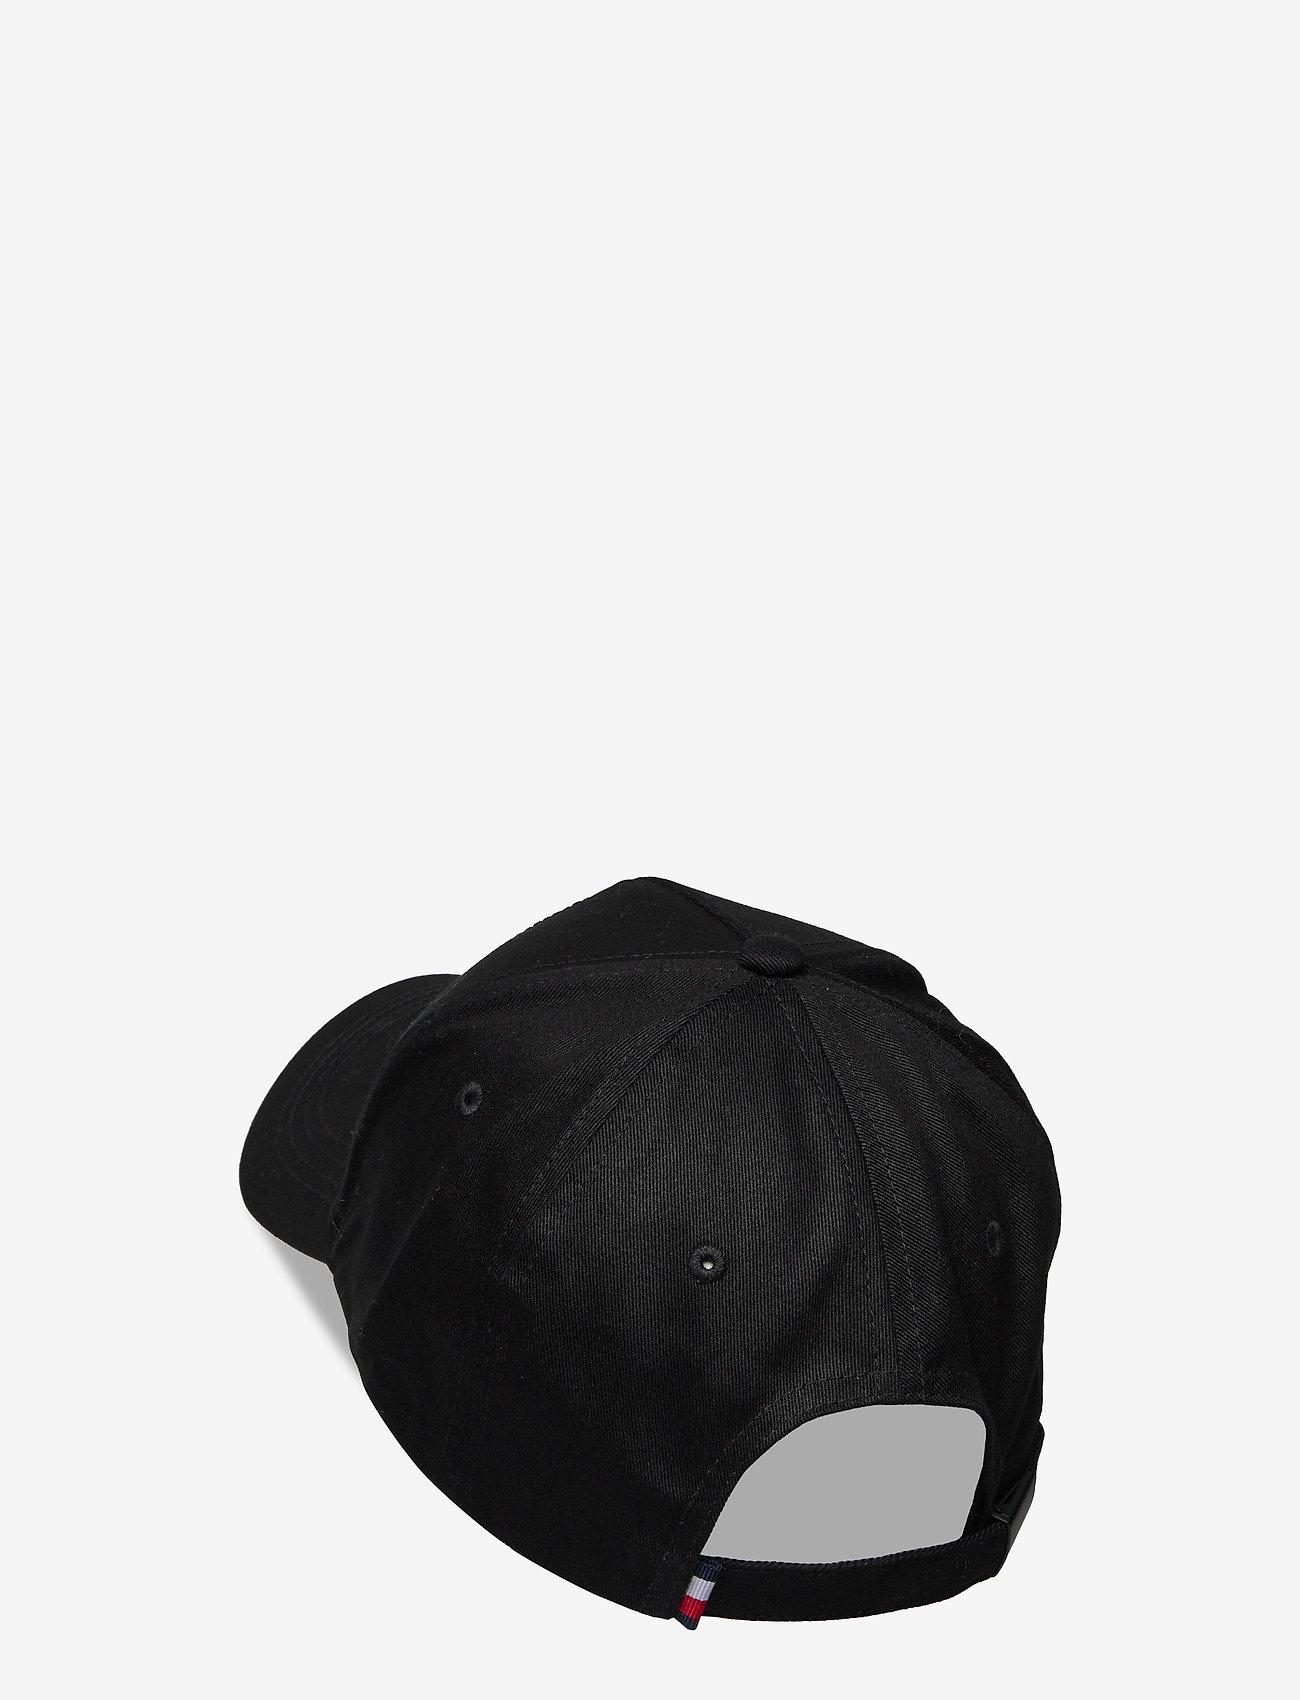 Tommy Hilfiger - SIGNATURE PATCH CAP - czapki - black - 1